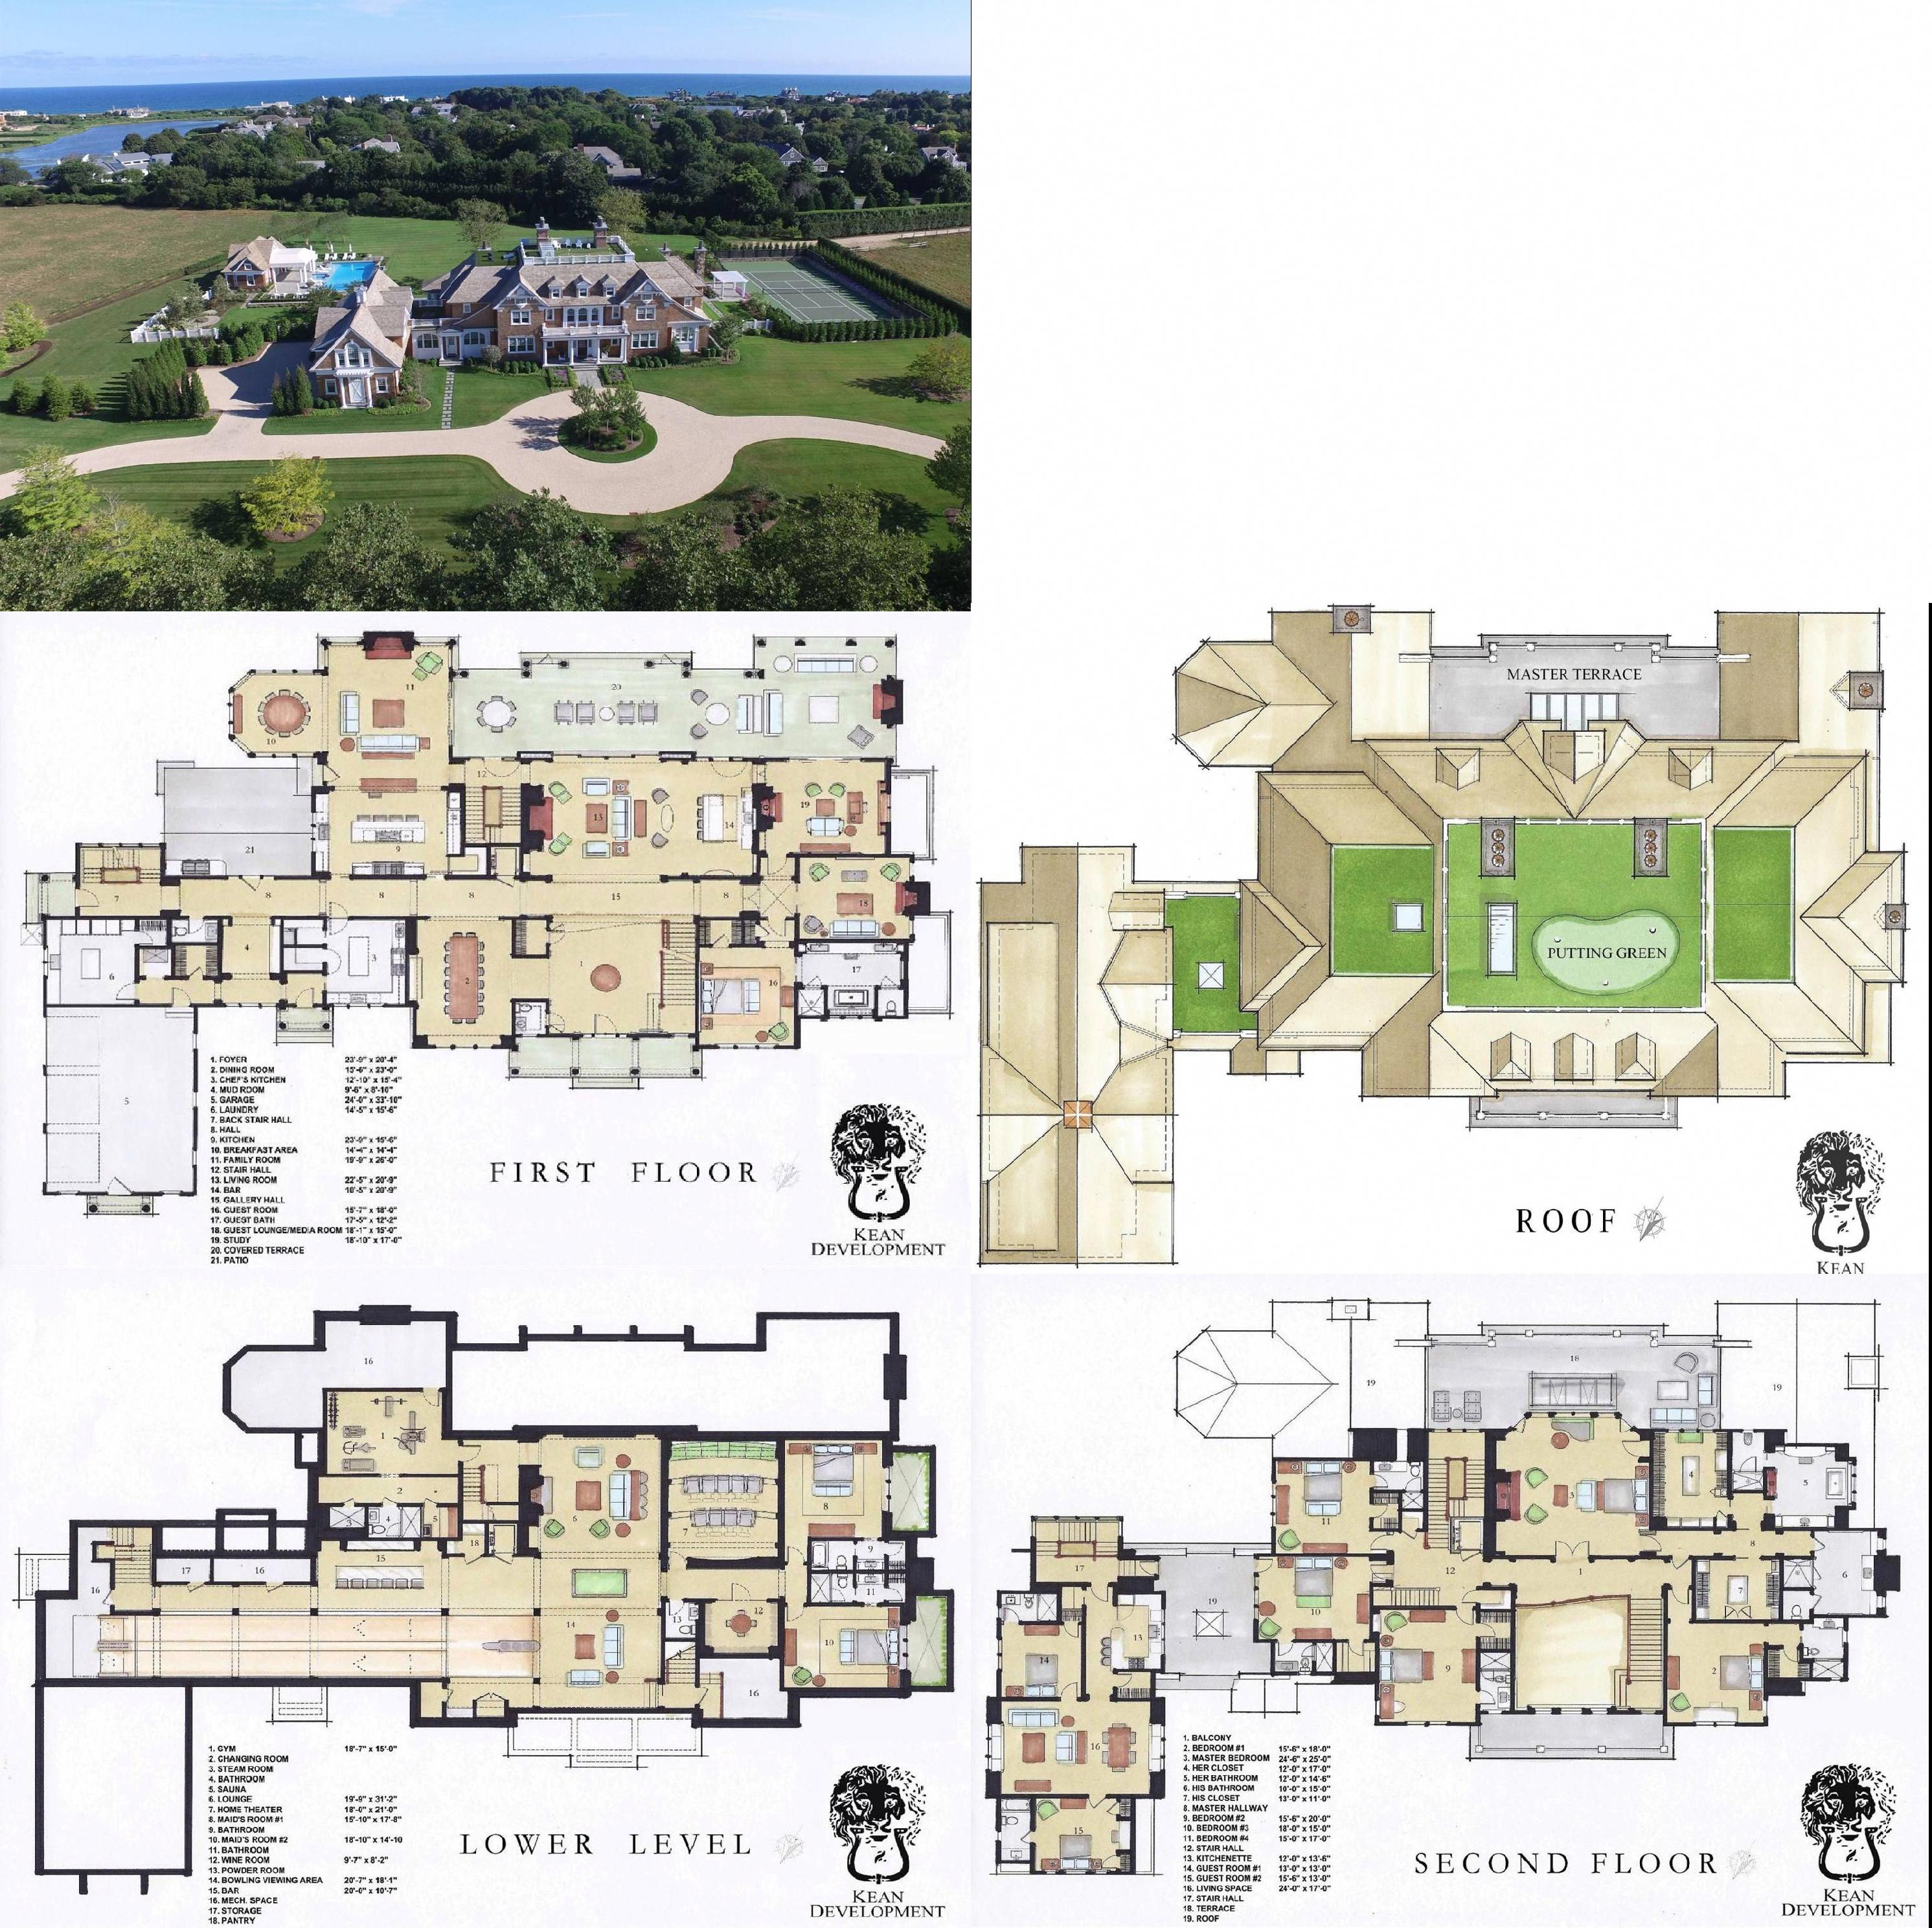 Um Novo Grande No Exterior Seleções Imobiliário Local Unindo Usuários Afluentes Com Listas De Empresas House Plans Mansion Mansion Floor Plan Mansion Plans